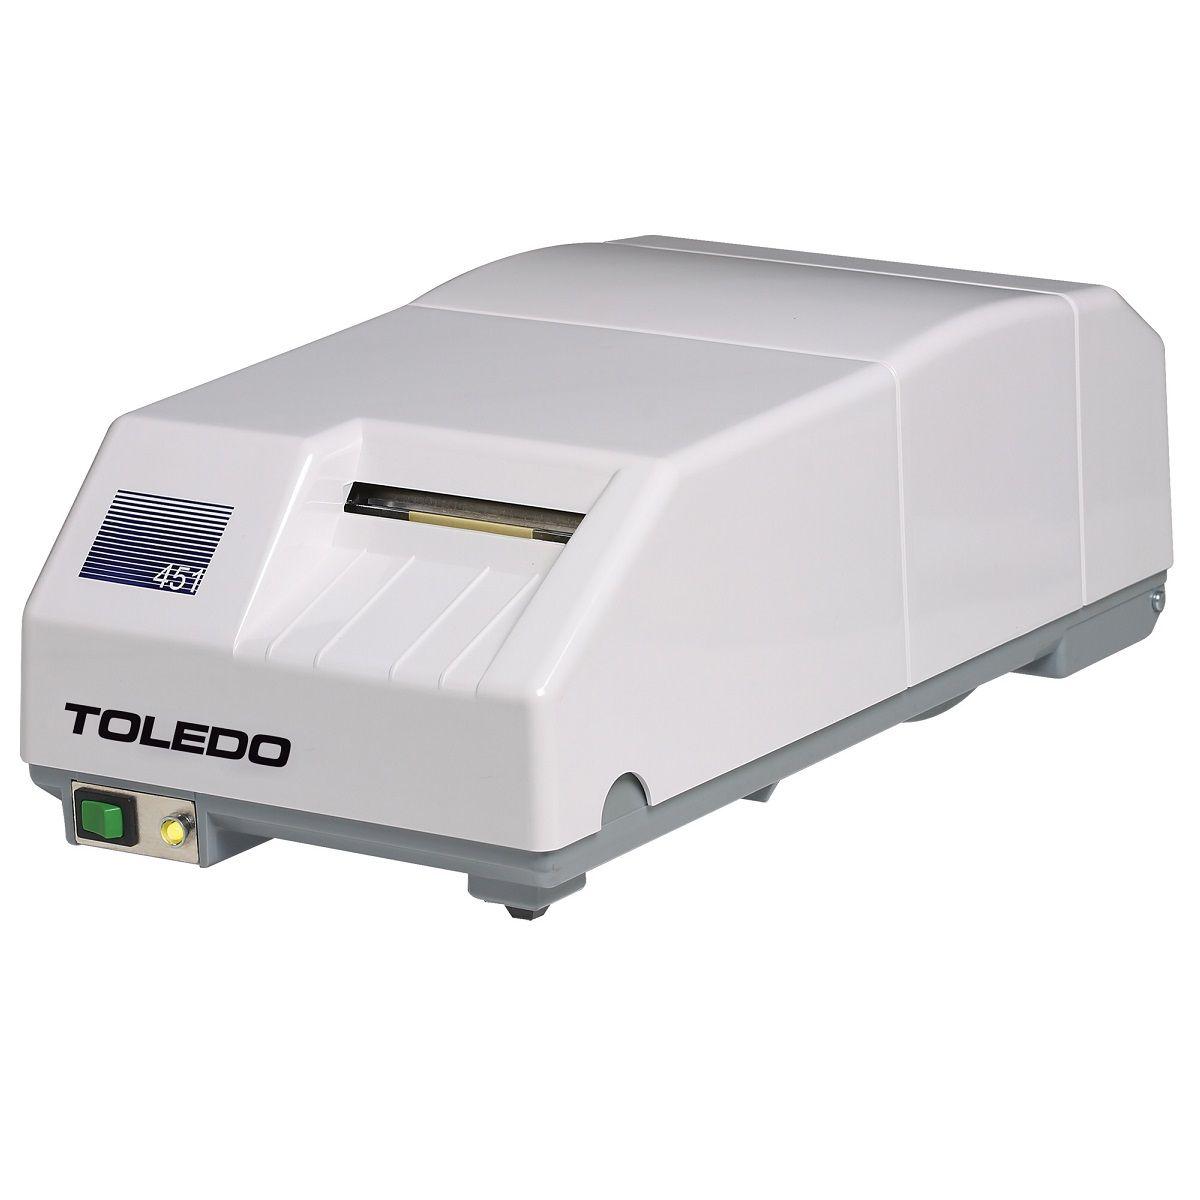 Impressora Térmica de Etiquetas para Balanças Toledo 451